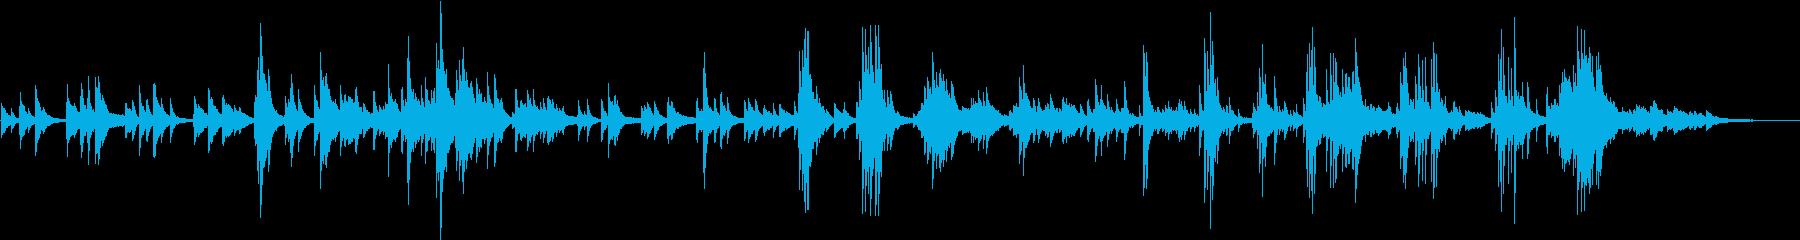 ゆったり流れる静かなくつろぎのピアノの再生済みの波形